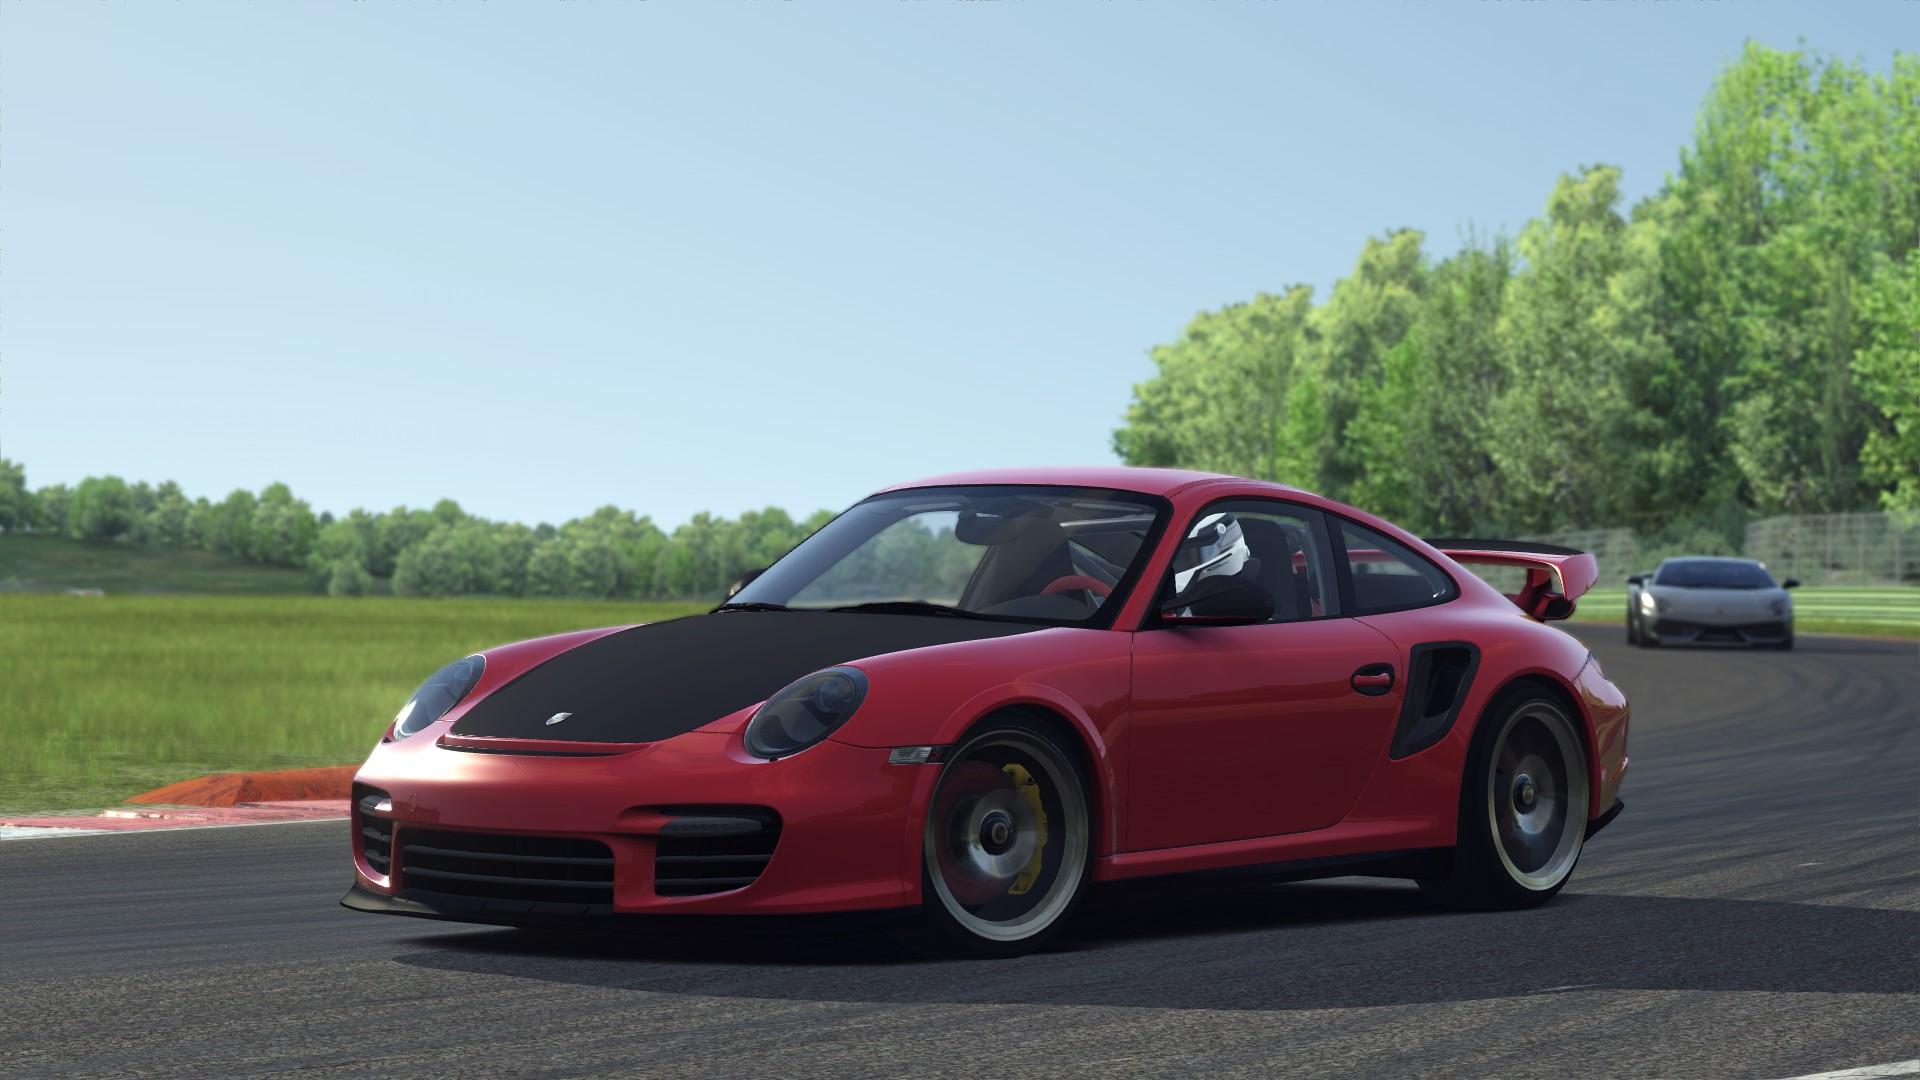 Porsche 997 GT2RS Assetto Corsa 1.14 016.jpg